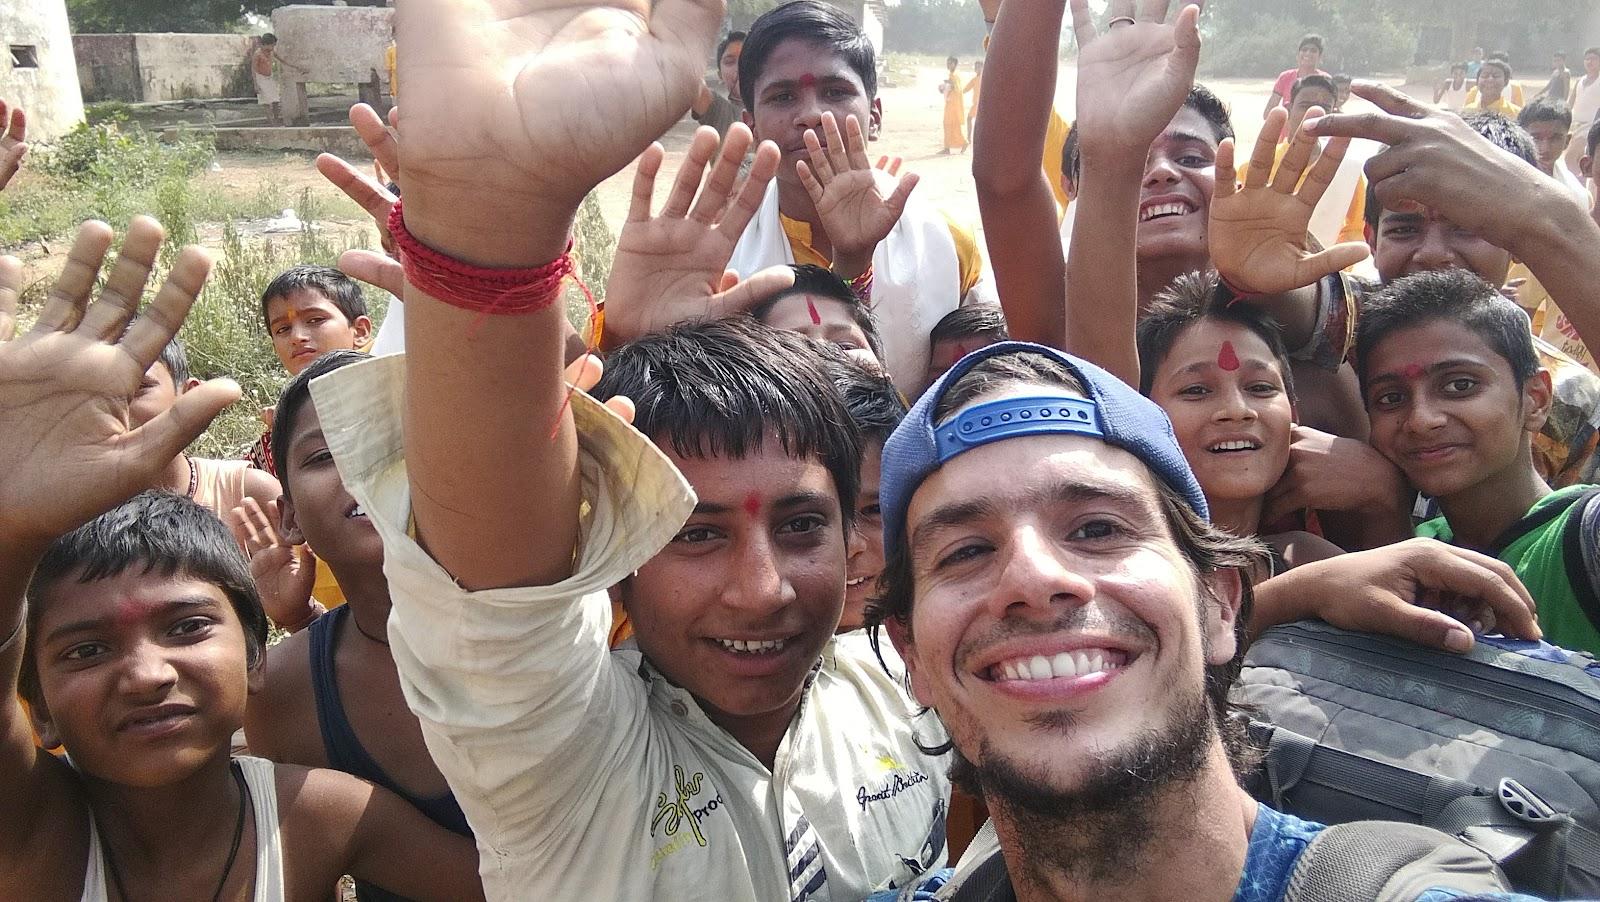 Visitando colegios en India para compartir positivismo